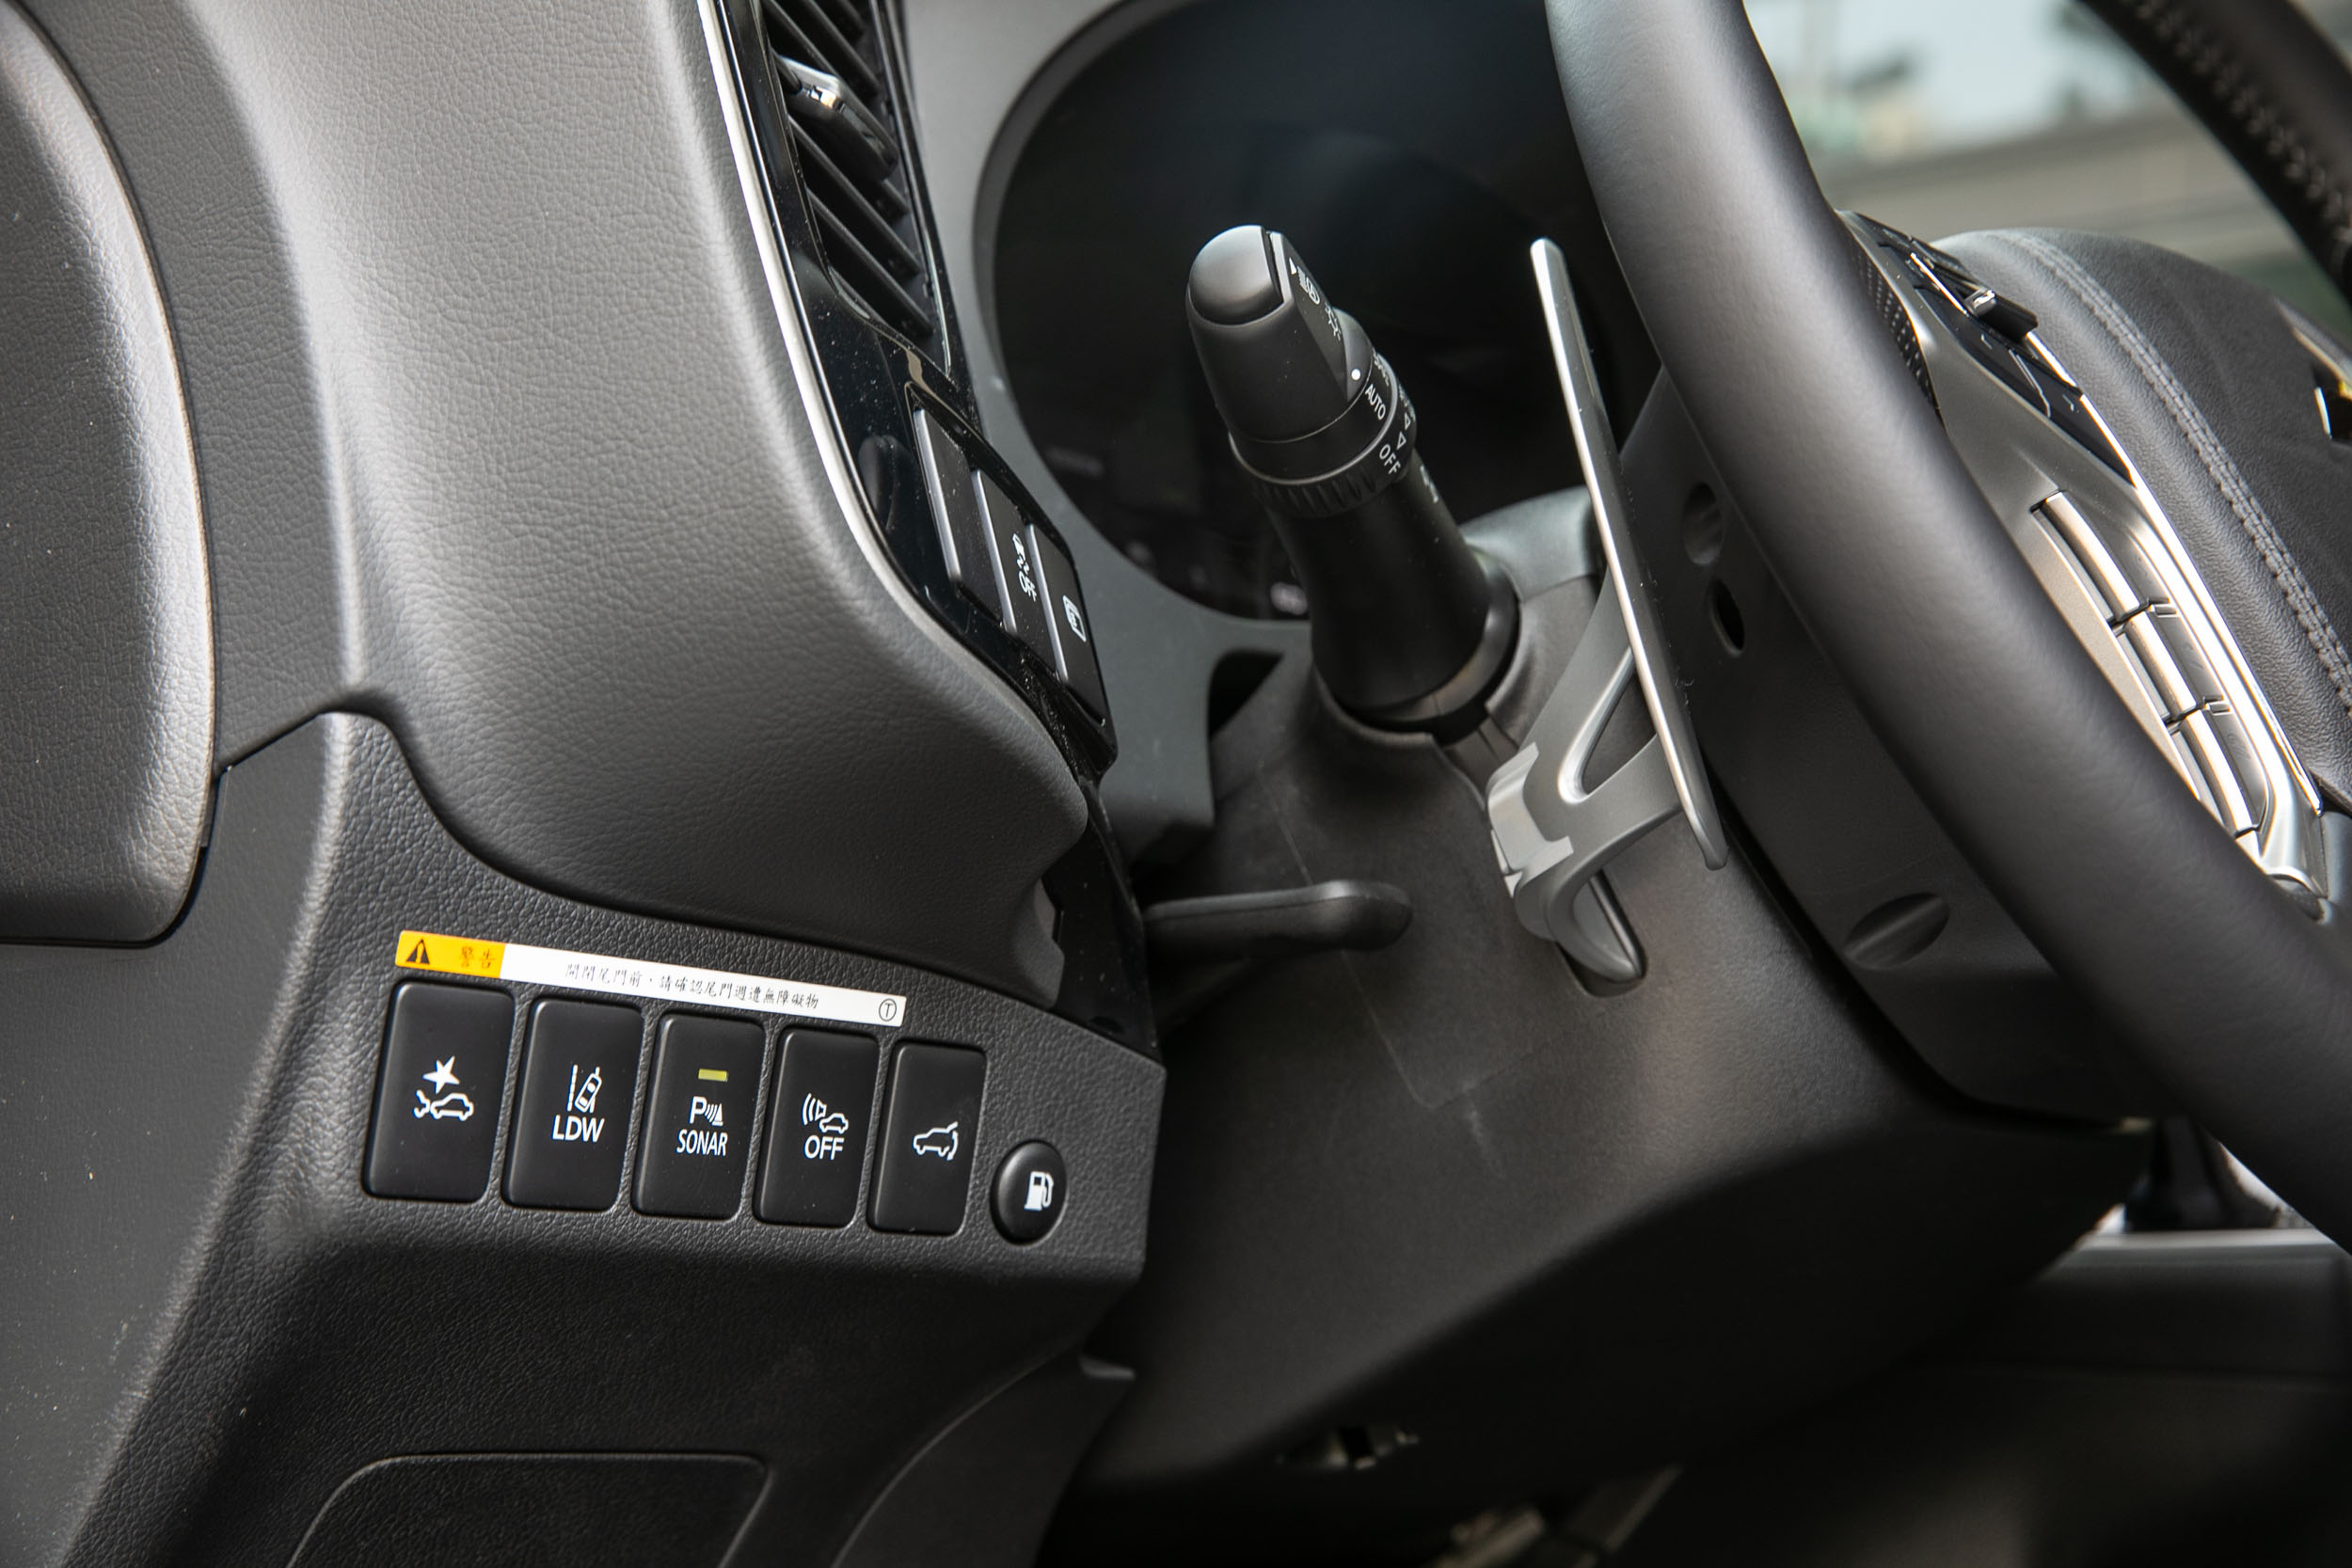 配備包含ACC全速域主動車距控制巡航系統、FCM主動式智慧煞車輔助系統、BSW盲點偵測警示系統、RCTA後方交通警示系統、LDW車道偏移警示系統等 ADAS 安全配備。